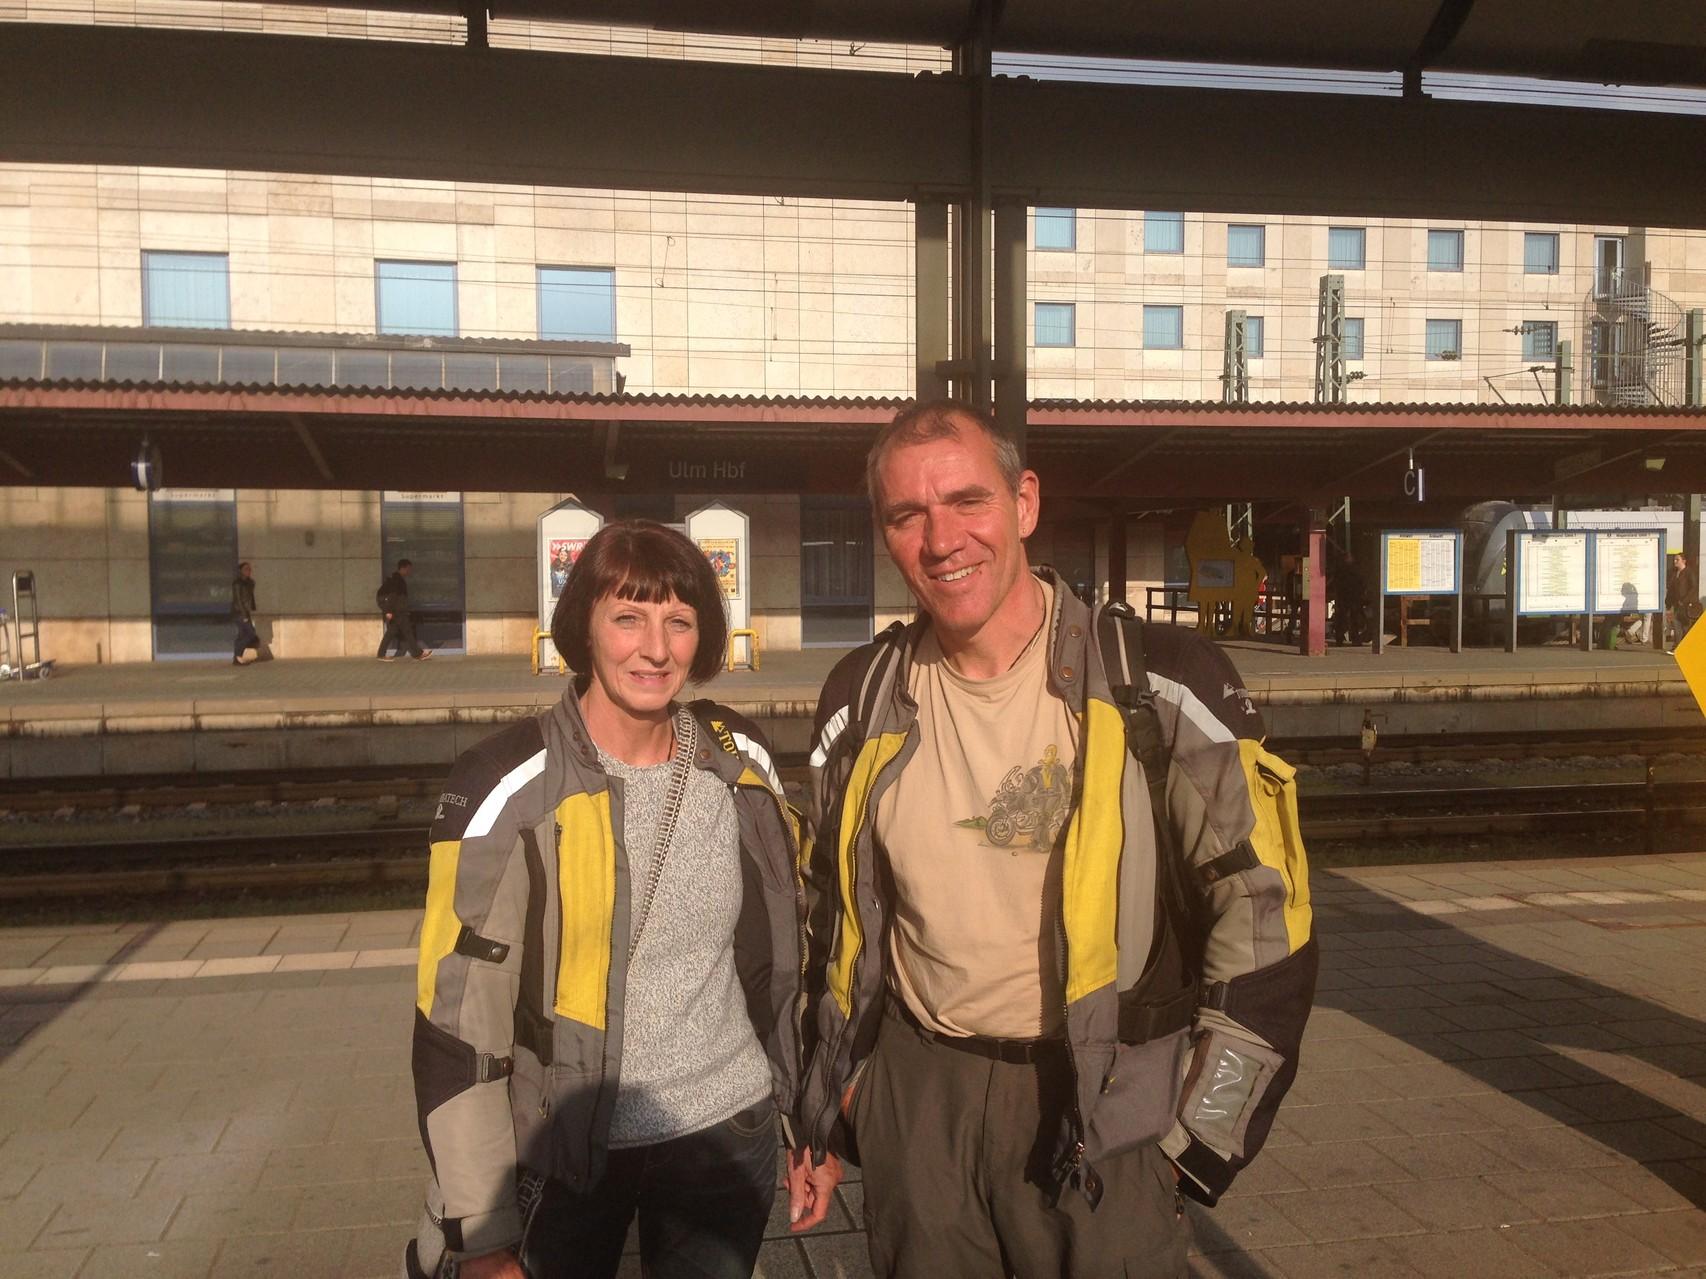 ... und gute dreißig Stunden später standen wir hundemüde am Ulmer Bahnhof